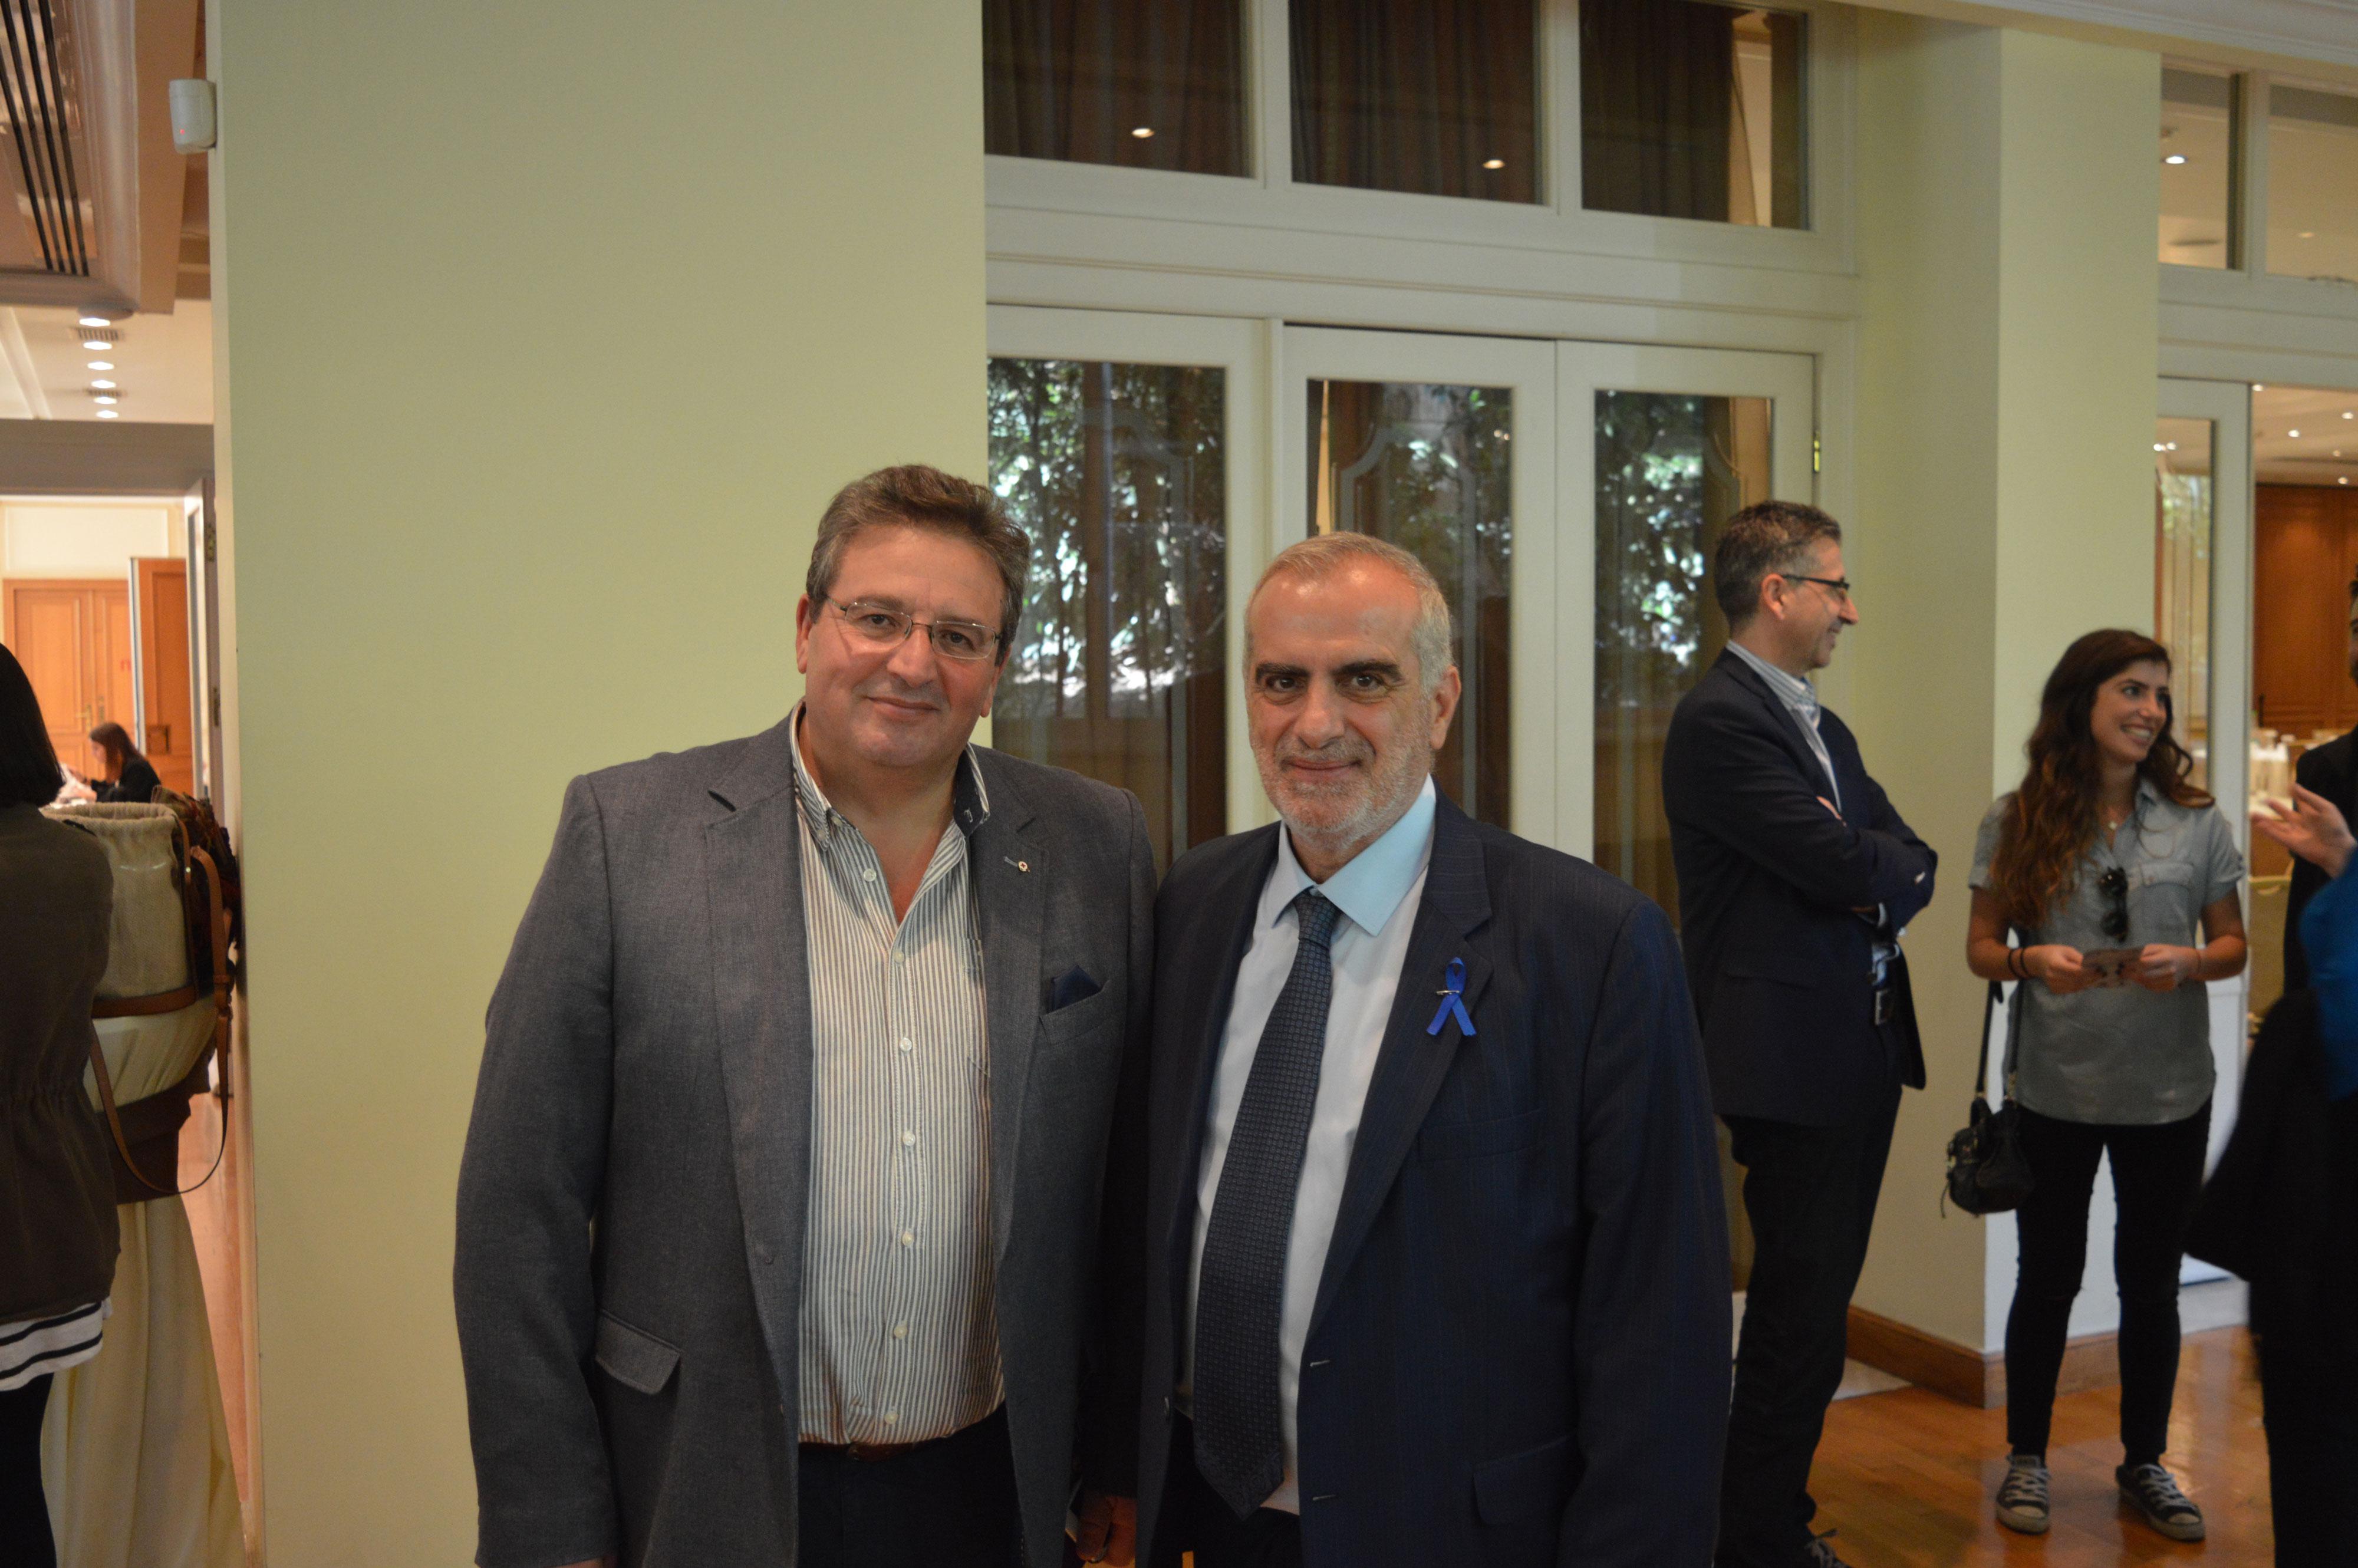 Ο αντιπρόεδρος της ΑΚΟΣ Δρ. Σπύρος Γκούβαλης και ο Κωνσταντίνος Ντούμας, Χειρουργοί Ουρολόγοι αμφότεροι.